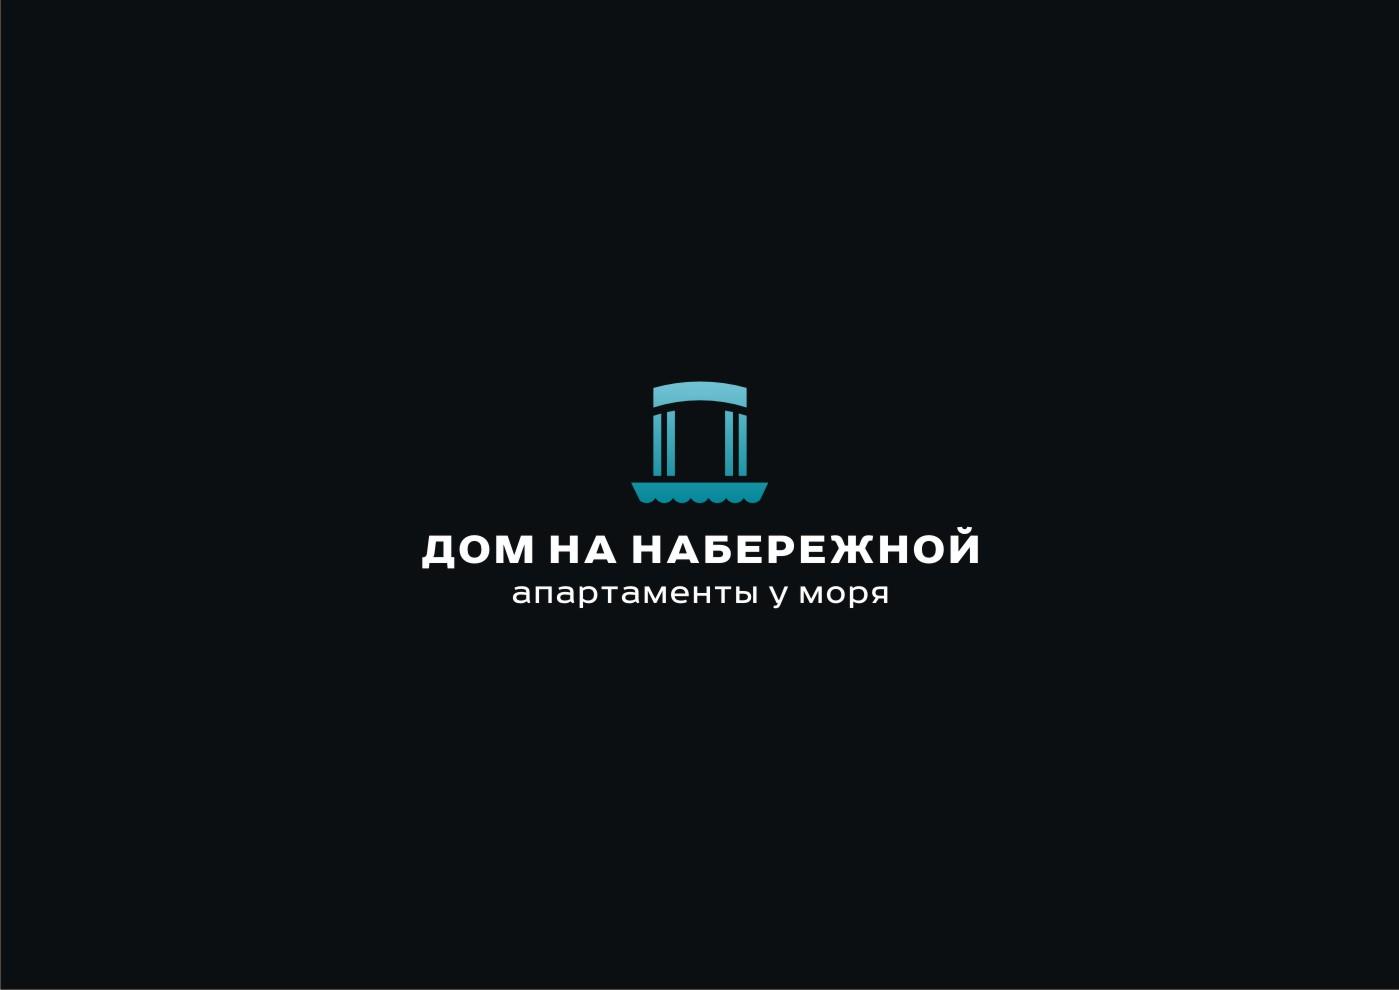 РАЗРАБОТКА логотипа для ЖИЛОГО КОМПЛЕКСА премиум В АНАПЕ.  фото f_6555de77fca8099c.jpg